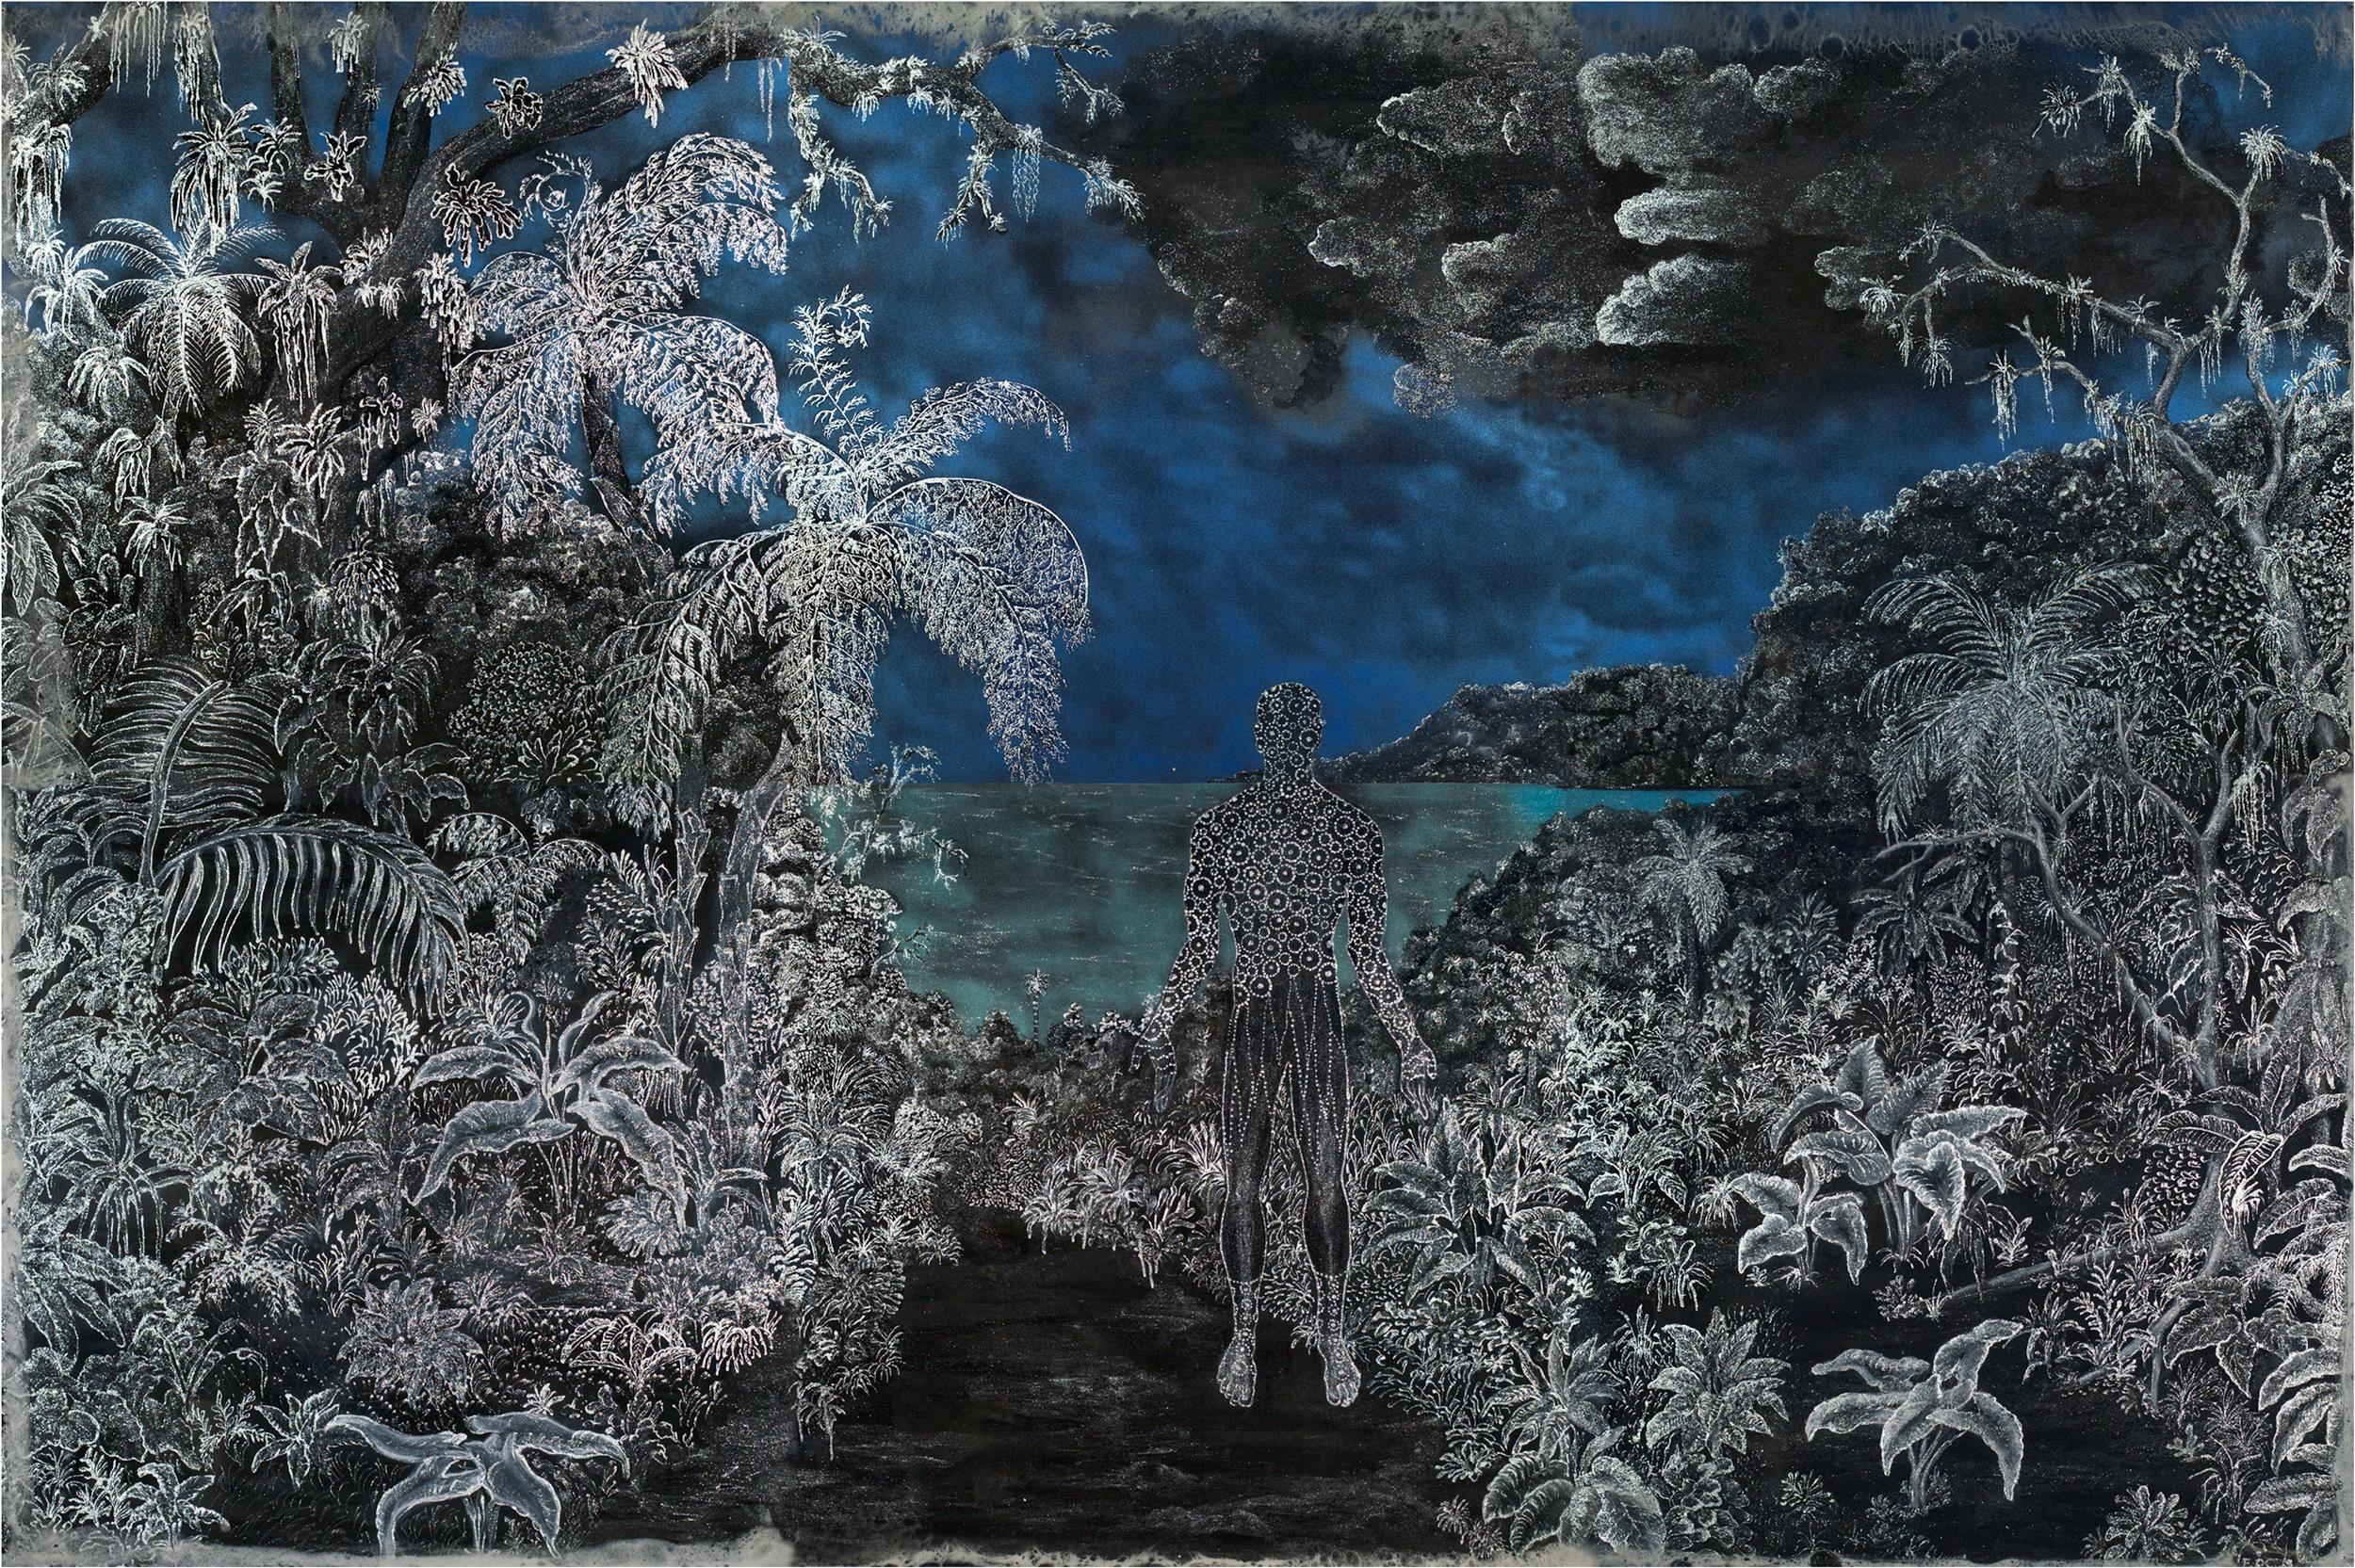 After Heade - Moonlit Landscape